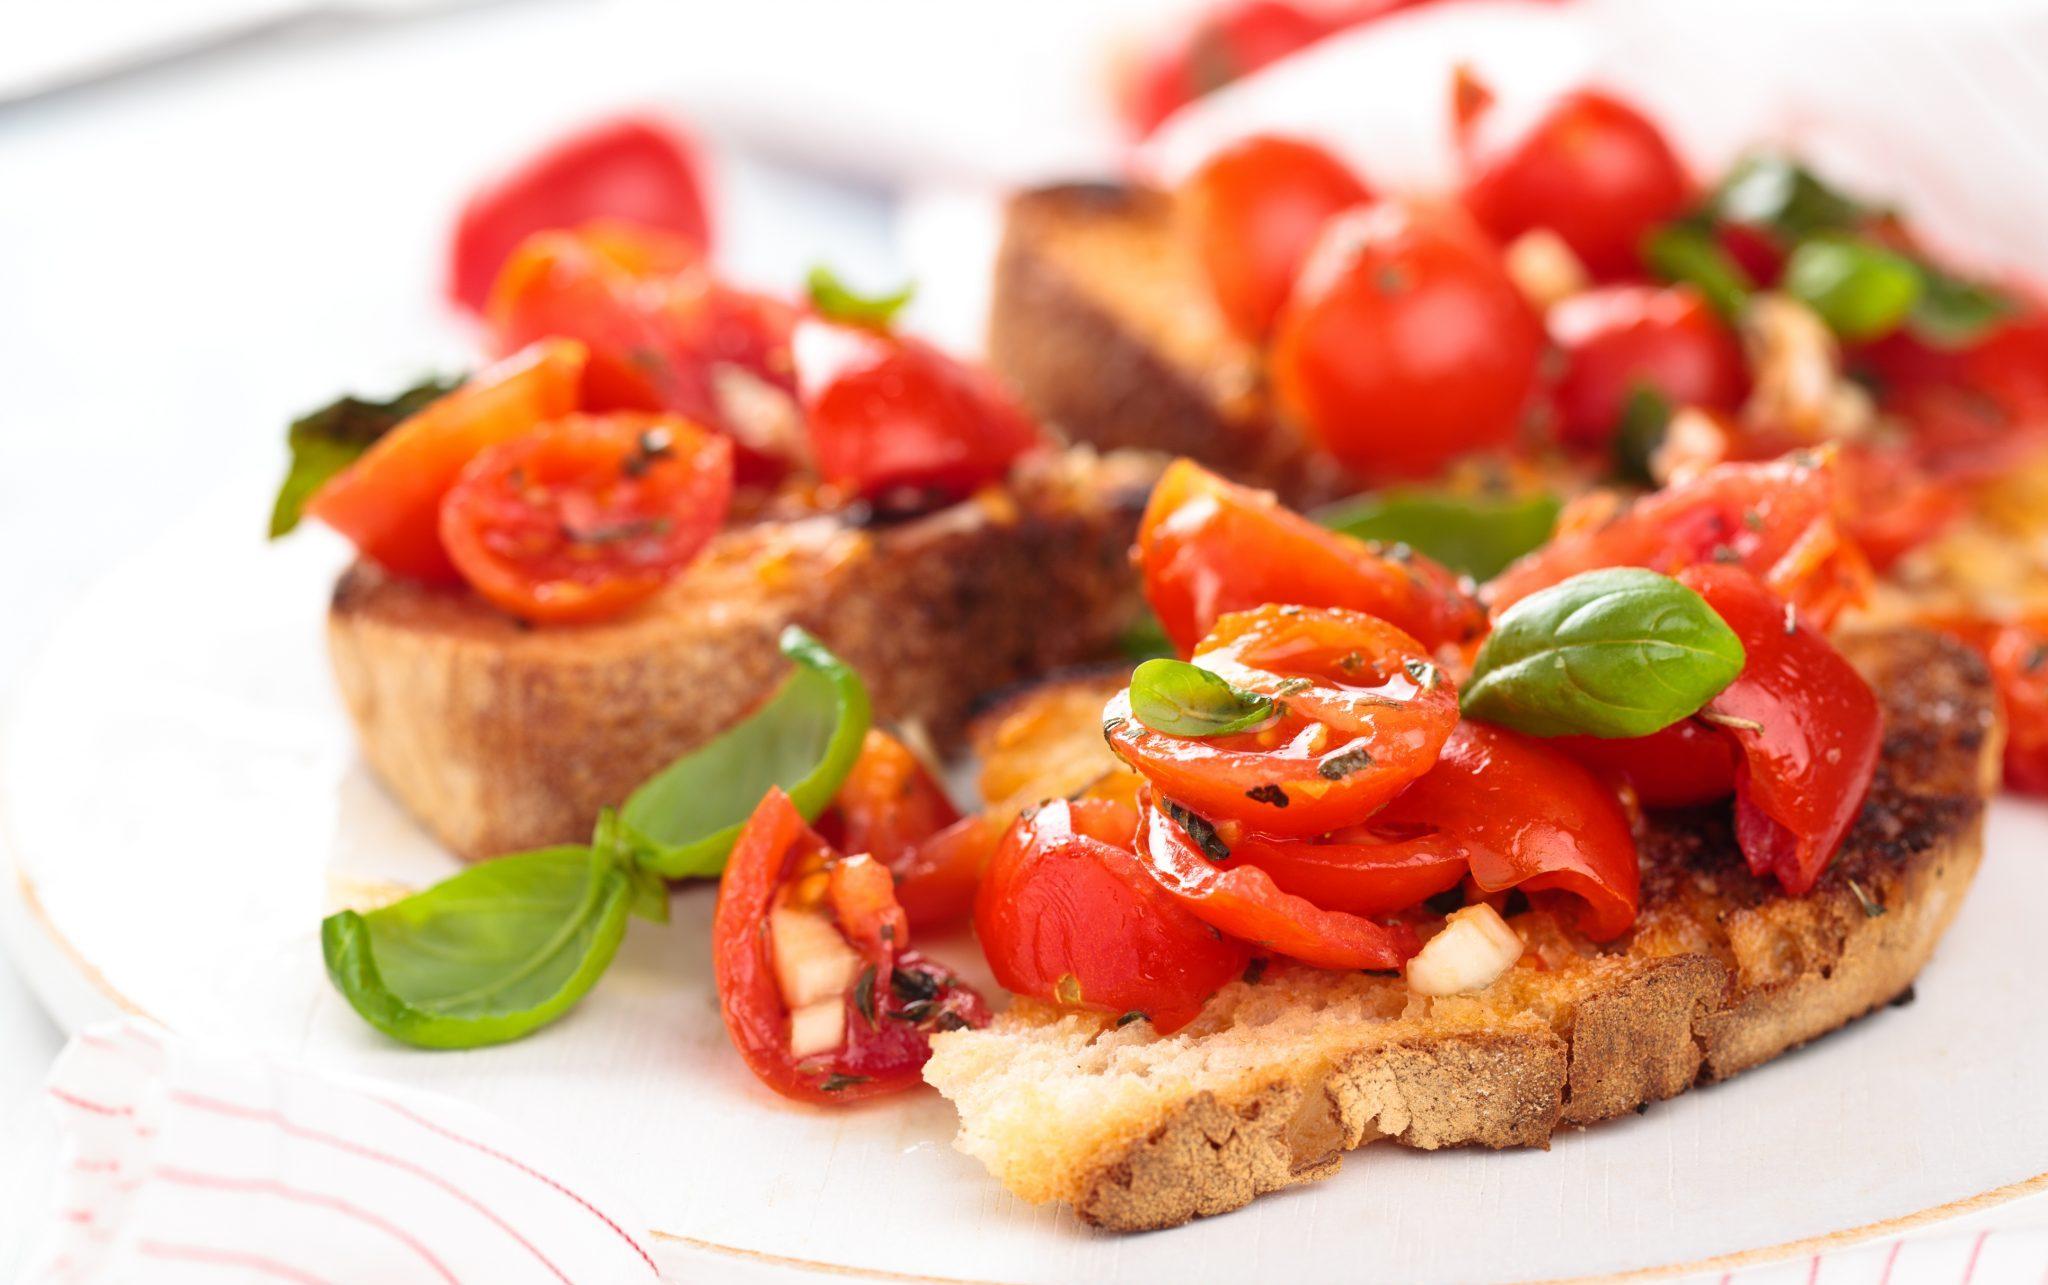 tomato eggplant bruschetta